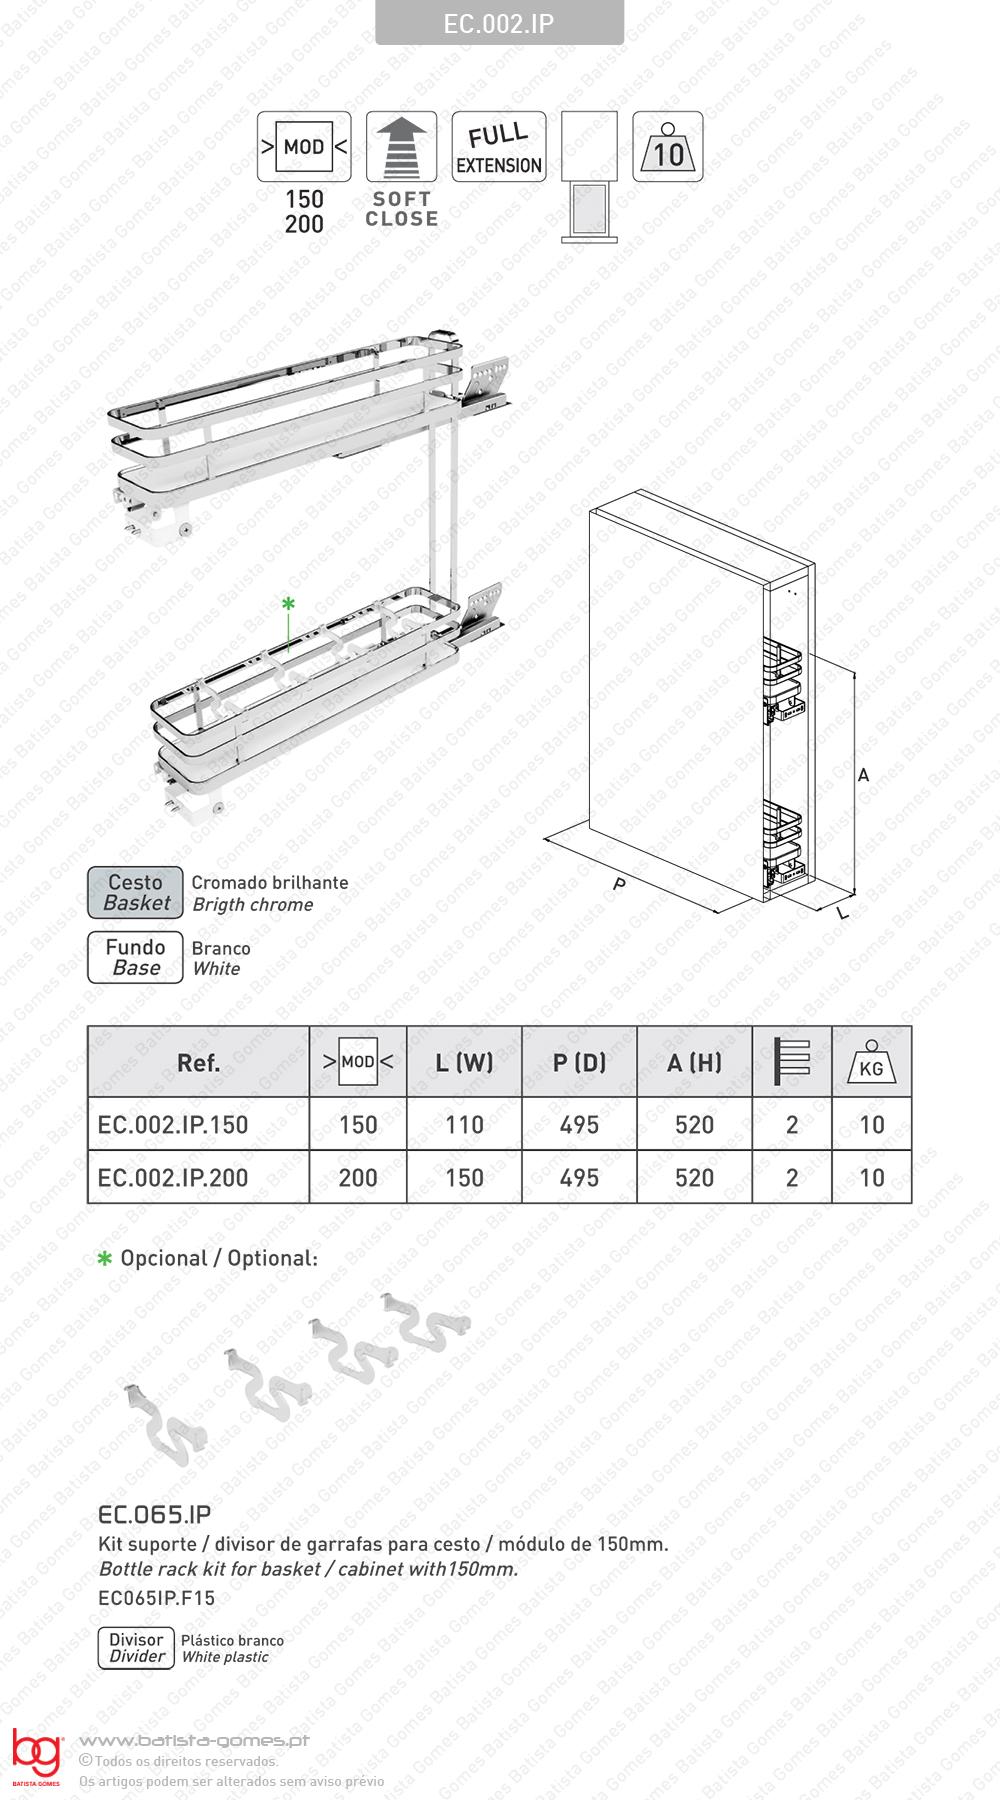 Despenseiro multiusos para aplicação porta frontal - Extracção total com Soft-close - Mód. 150 / 200 - Cromado